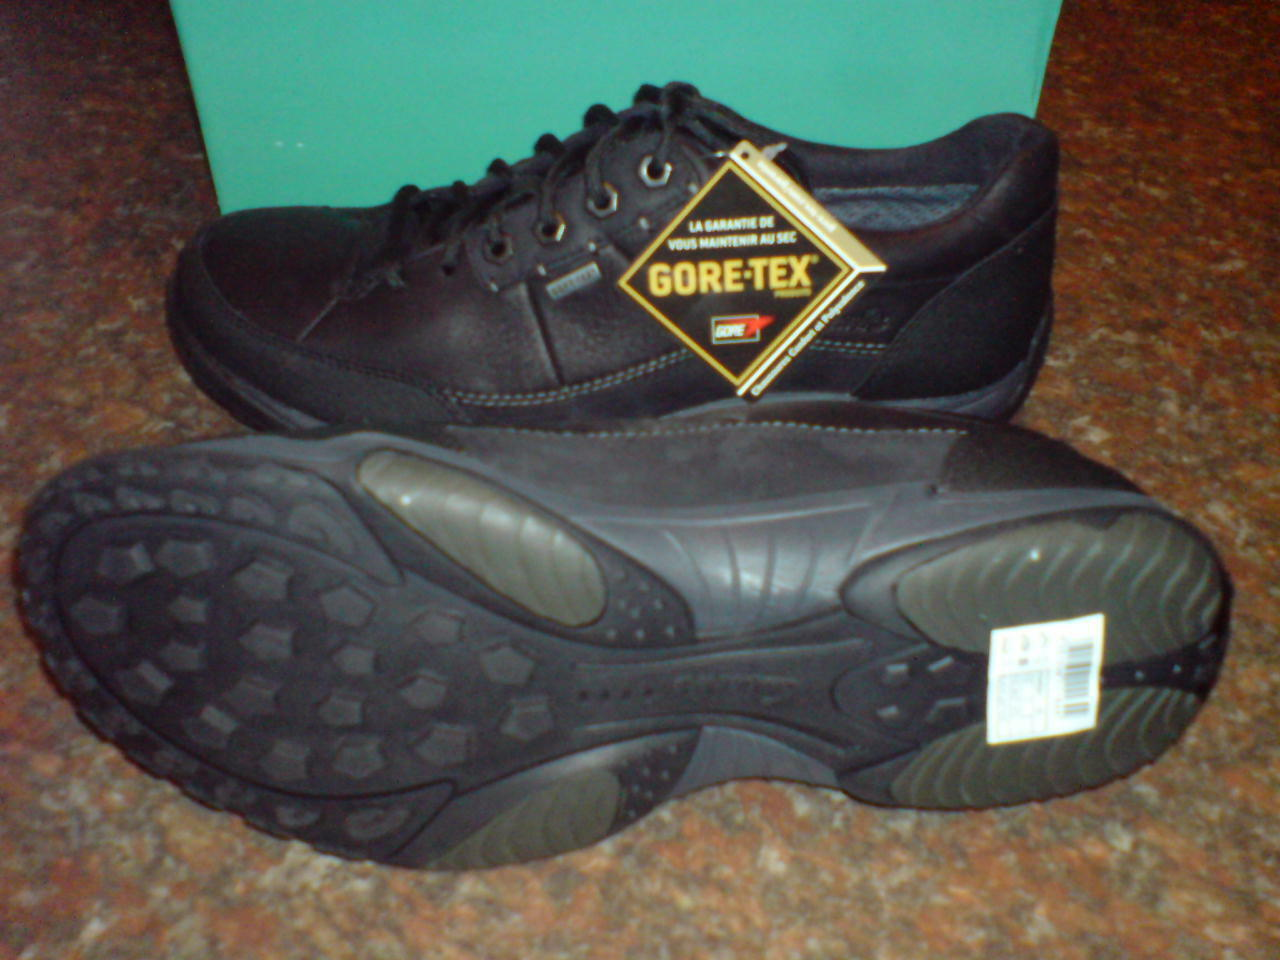 NEU Clarks Herren Kordel Bild Schuhe / Freizeit schwarz UK 9 / Schuhe True 8.5 4f24cc